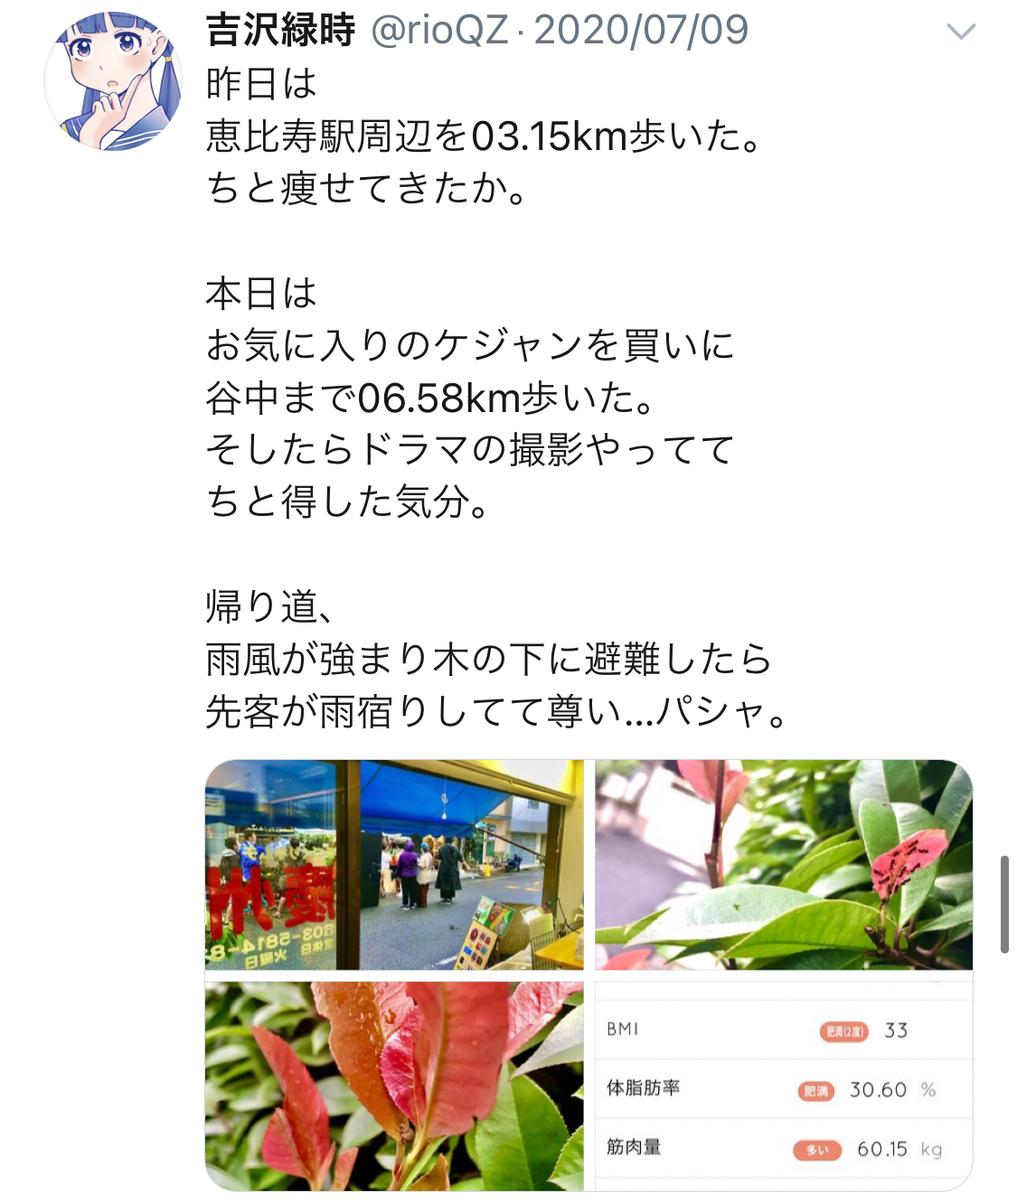 f:id:ryokuji:20201211145717j:plain